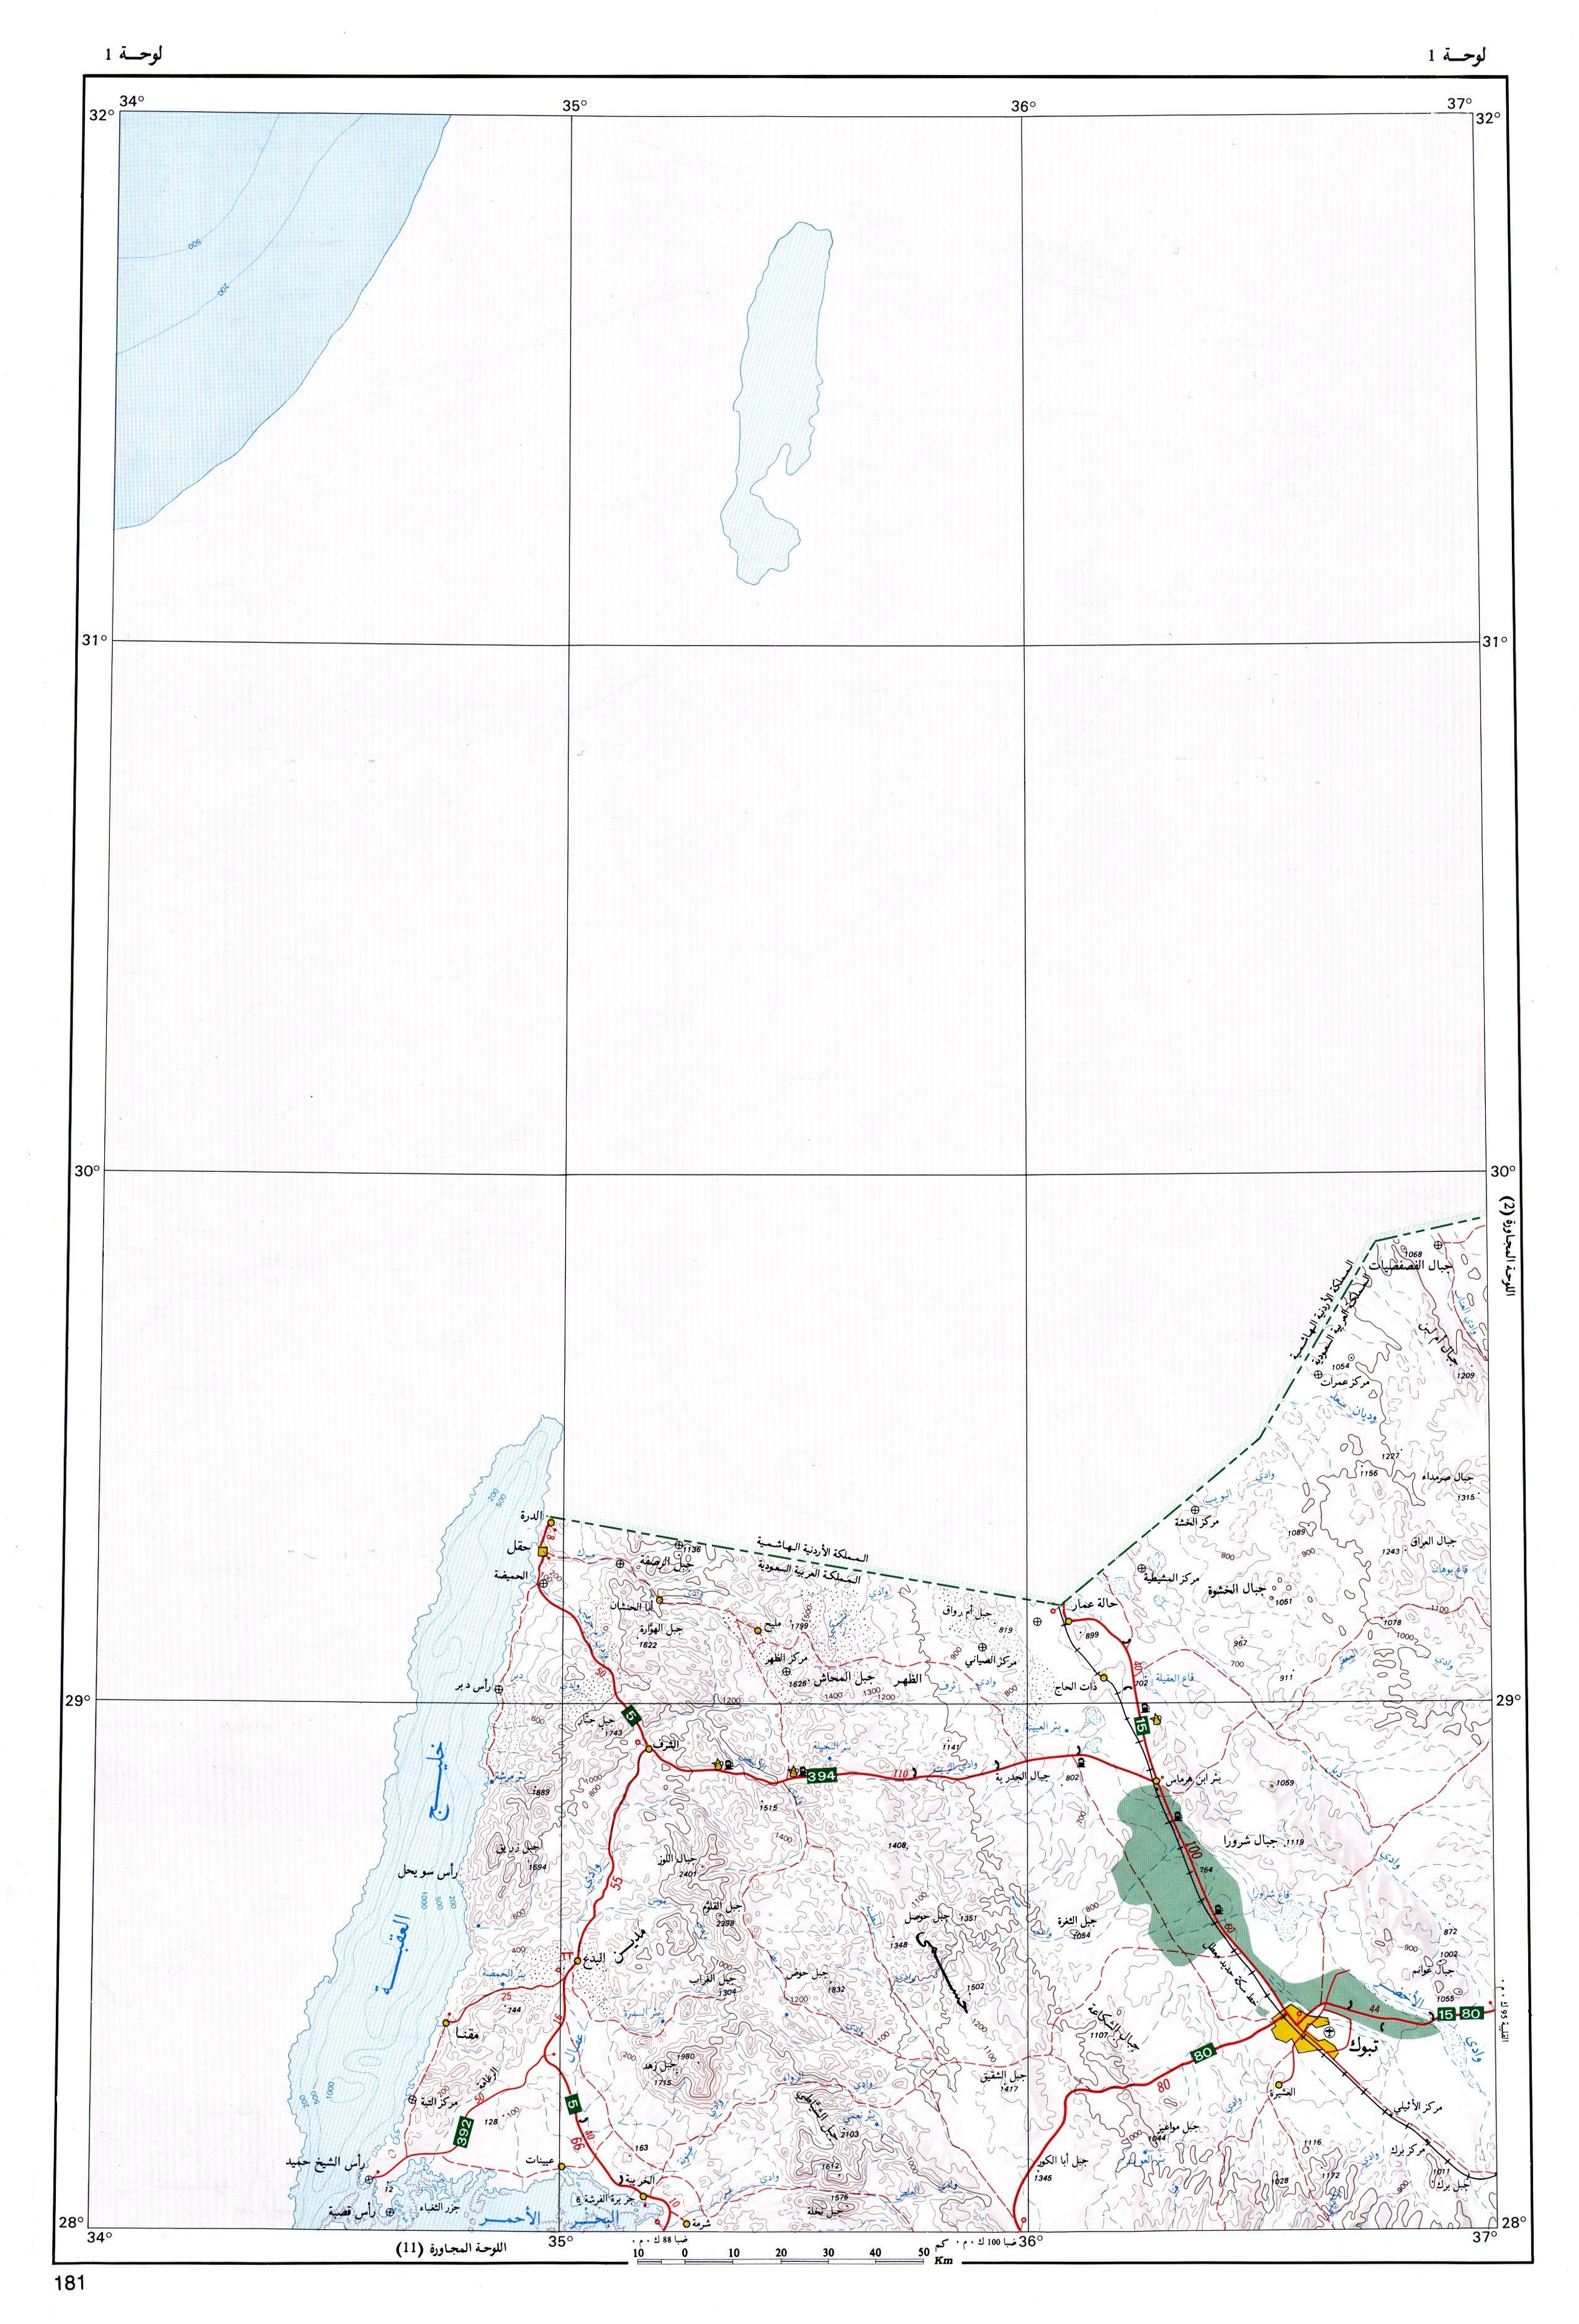 خريطة رقم 1 مدينة تبوك Map Fig